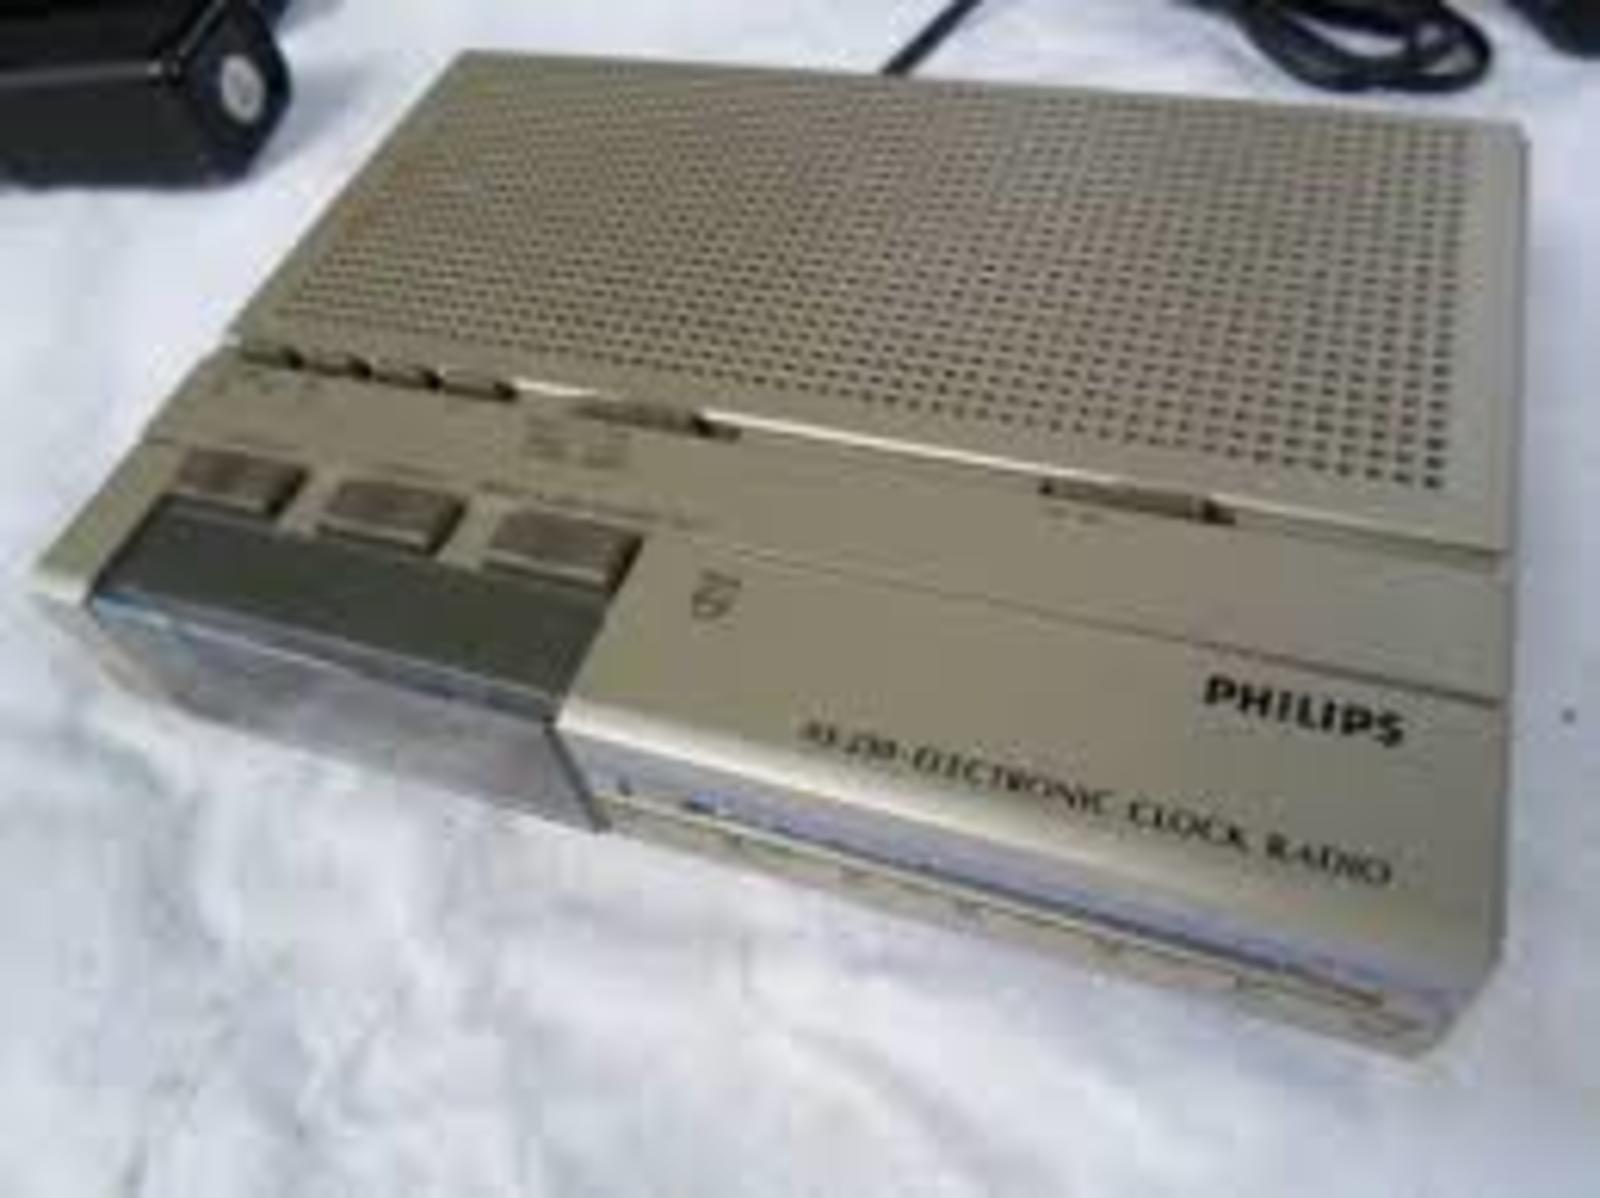 422a40be68b Rádio Relógio Philips AS 230 - Muzeez